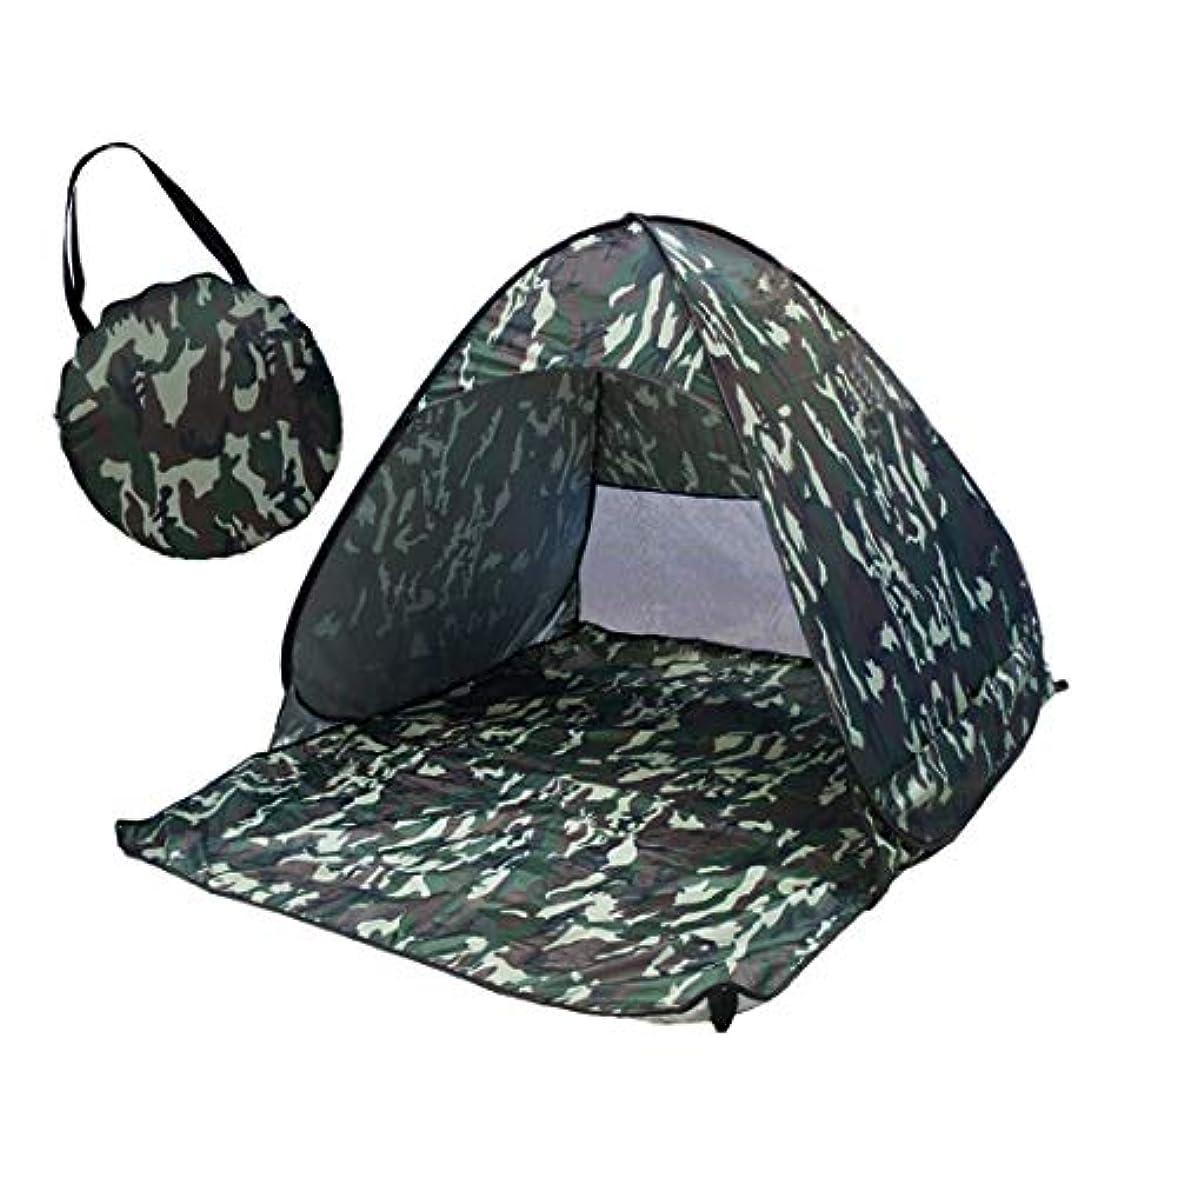 頼る性差別話す折りたたみ式 自動クイックスピードオープン屋外キャンプ ビーチテント キャリングバッグ付 大人2名または子供3名用 サイズ:1.65x1.5x1.1m (SKU : Og1551ag)